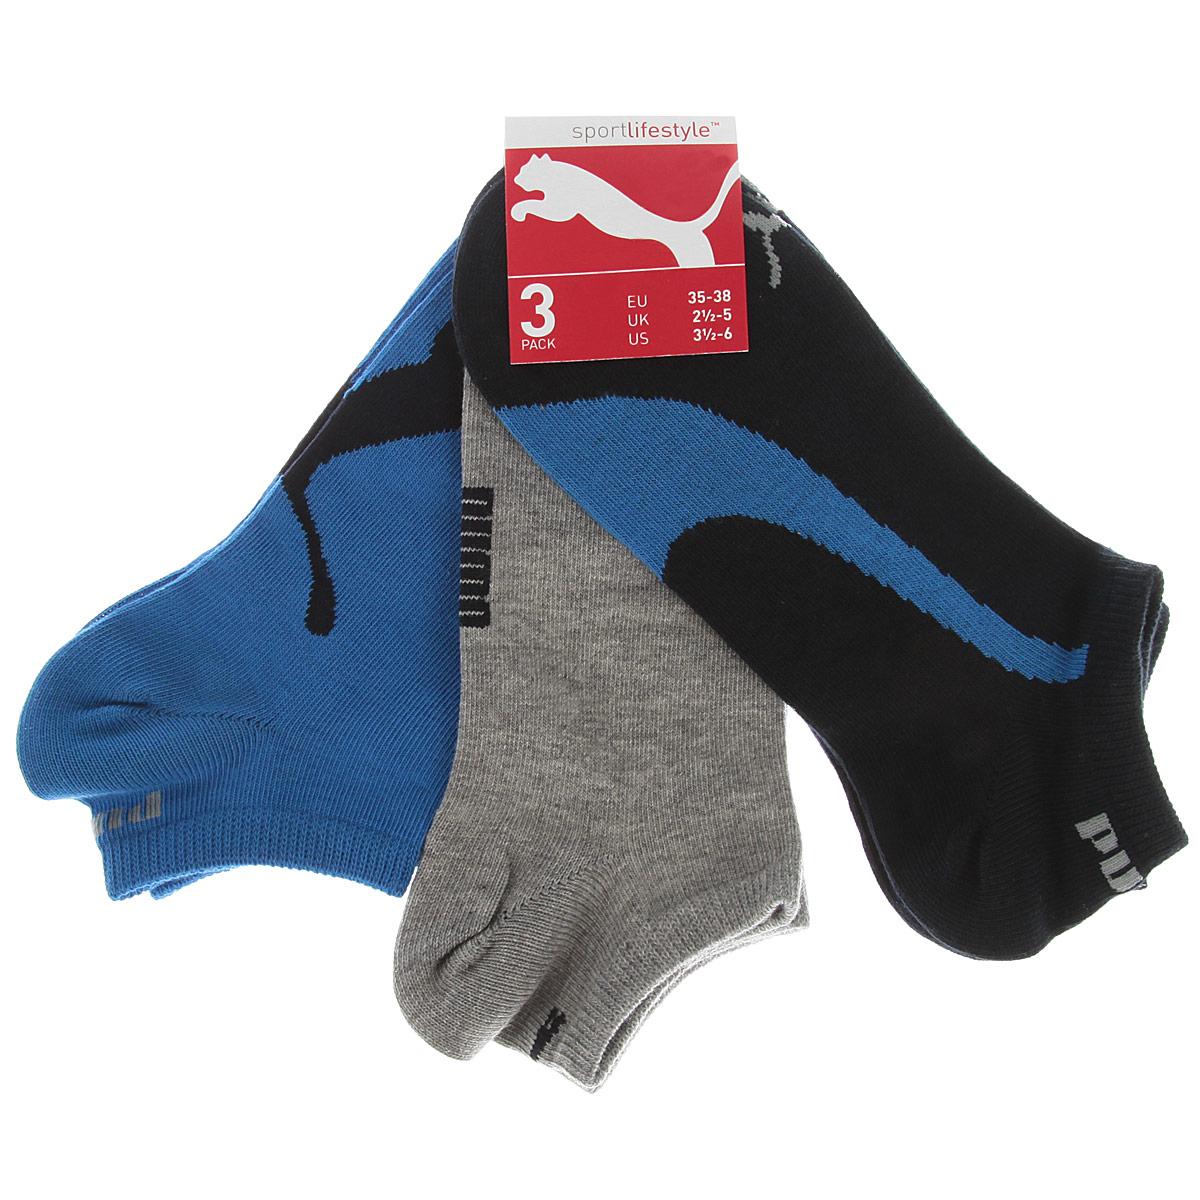 Носки унисекс Puma Lifestyle Sneakers, цвет: темно-синий, серый, голубой, 3 пары. 88641203. Размер 35/38 носки мужские puma sport цвет черный 3 пары 88035501 размер 47 49